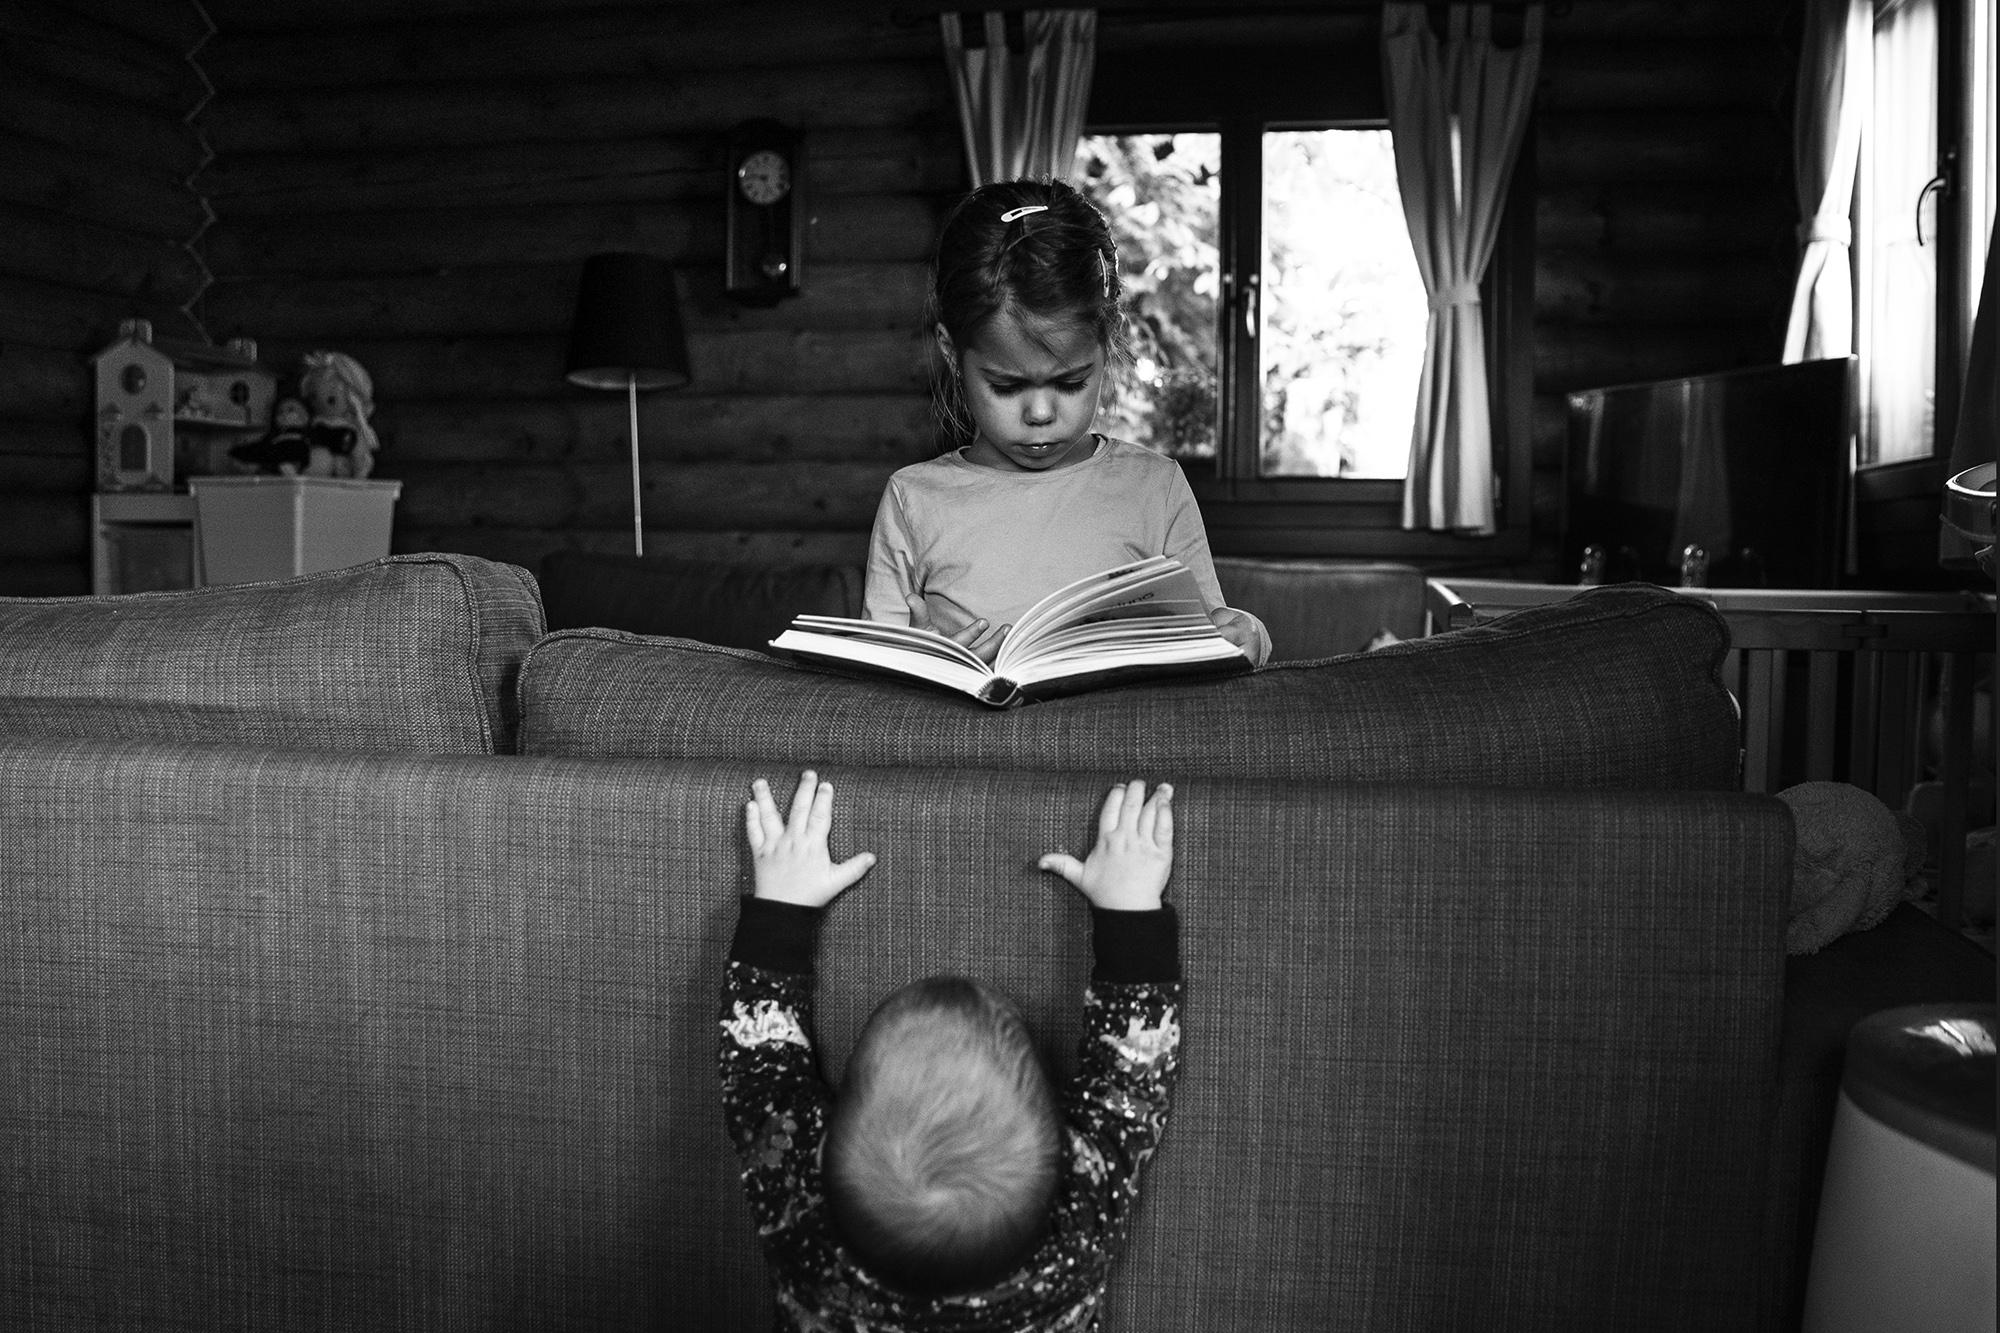 örténetmesélő dokumentarista családfotózás gyerekfotózás család gyerek fotózás familydocumentary familyphotojournalism boncsér orsolya szuziesanaplopok feketefehér canon